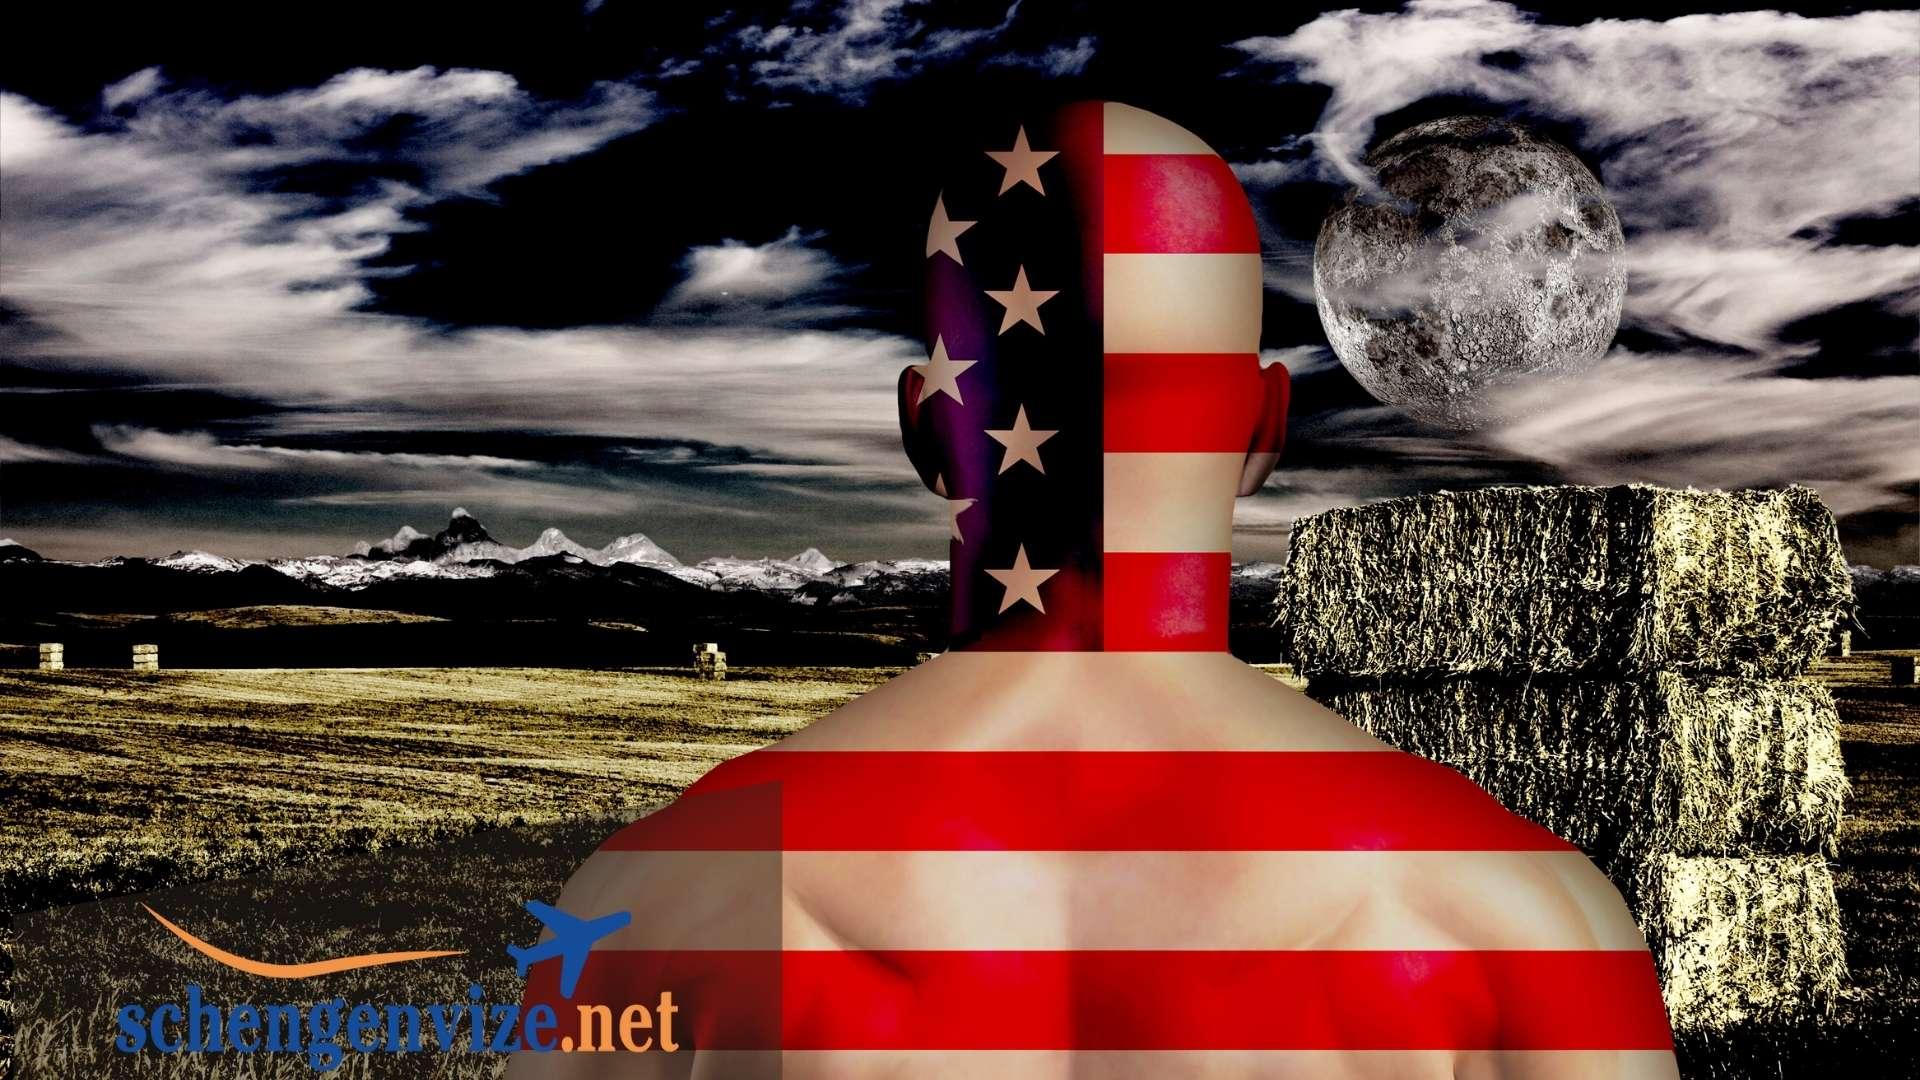 Amerika Vizesi İçin Kullanılacak Fotoğrafların Ebatları